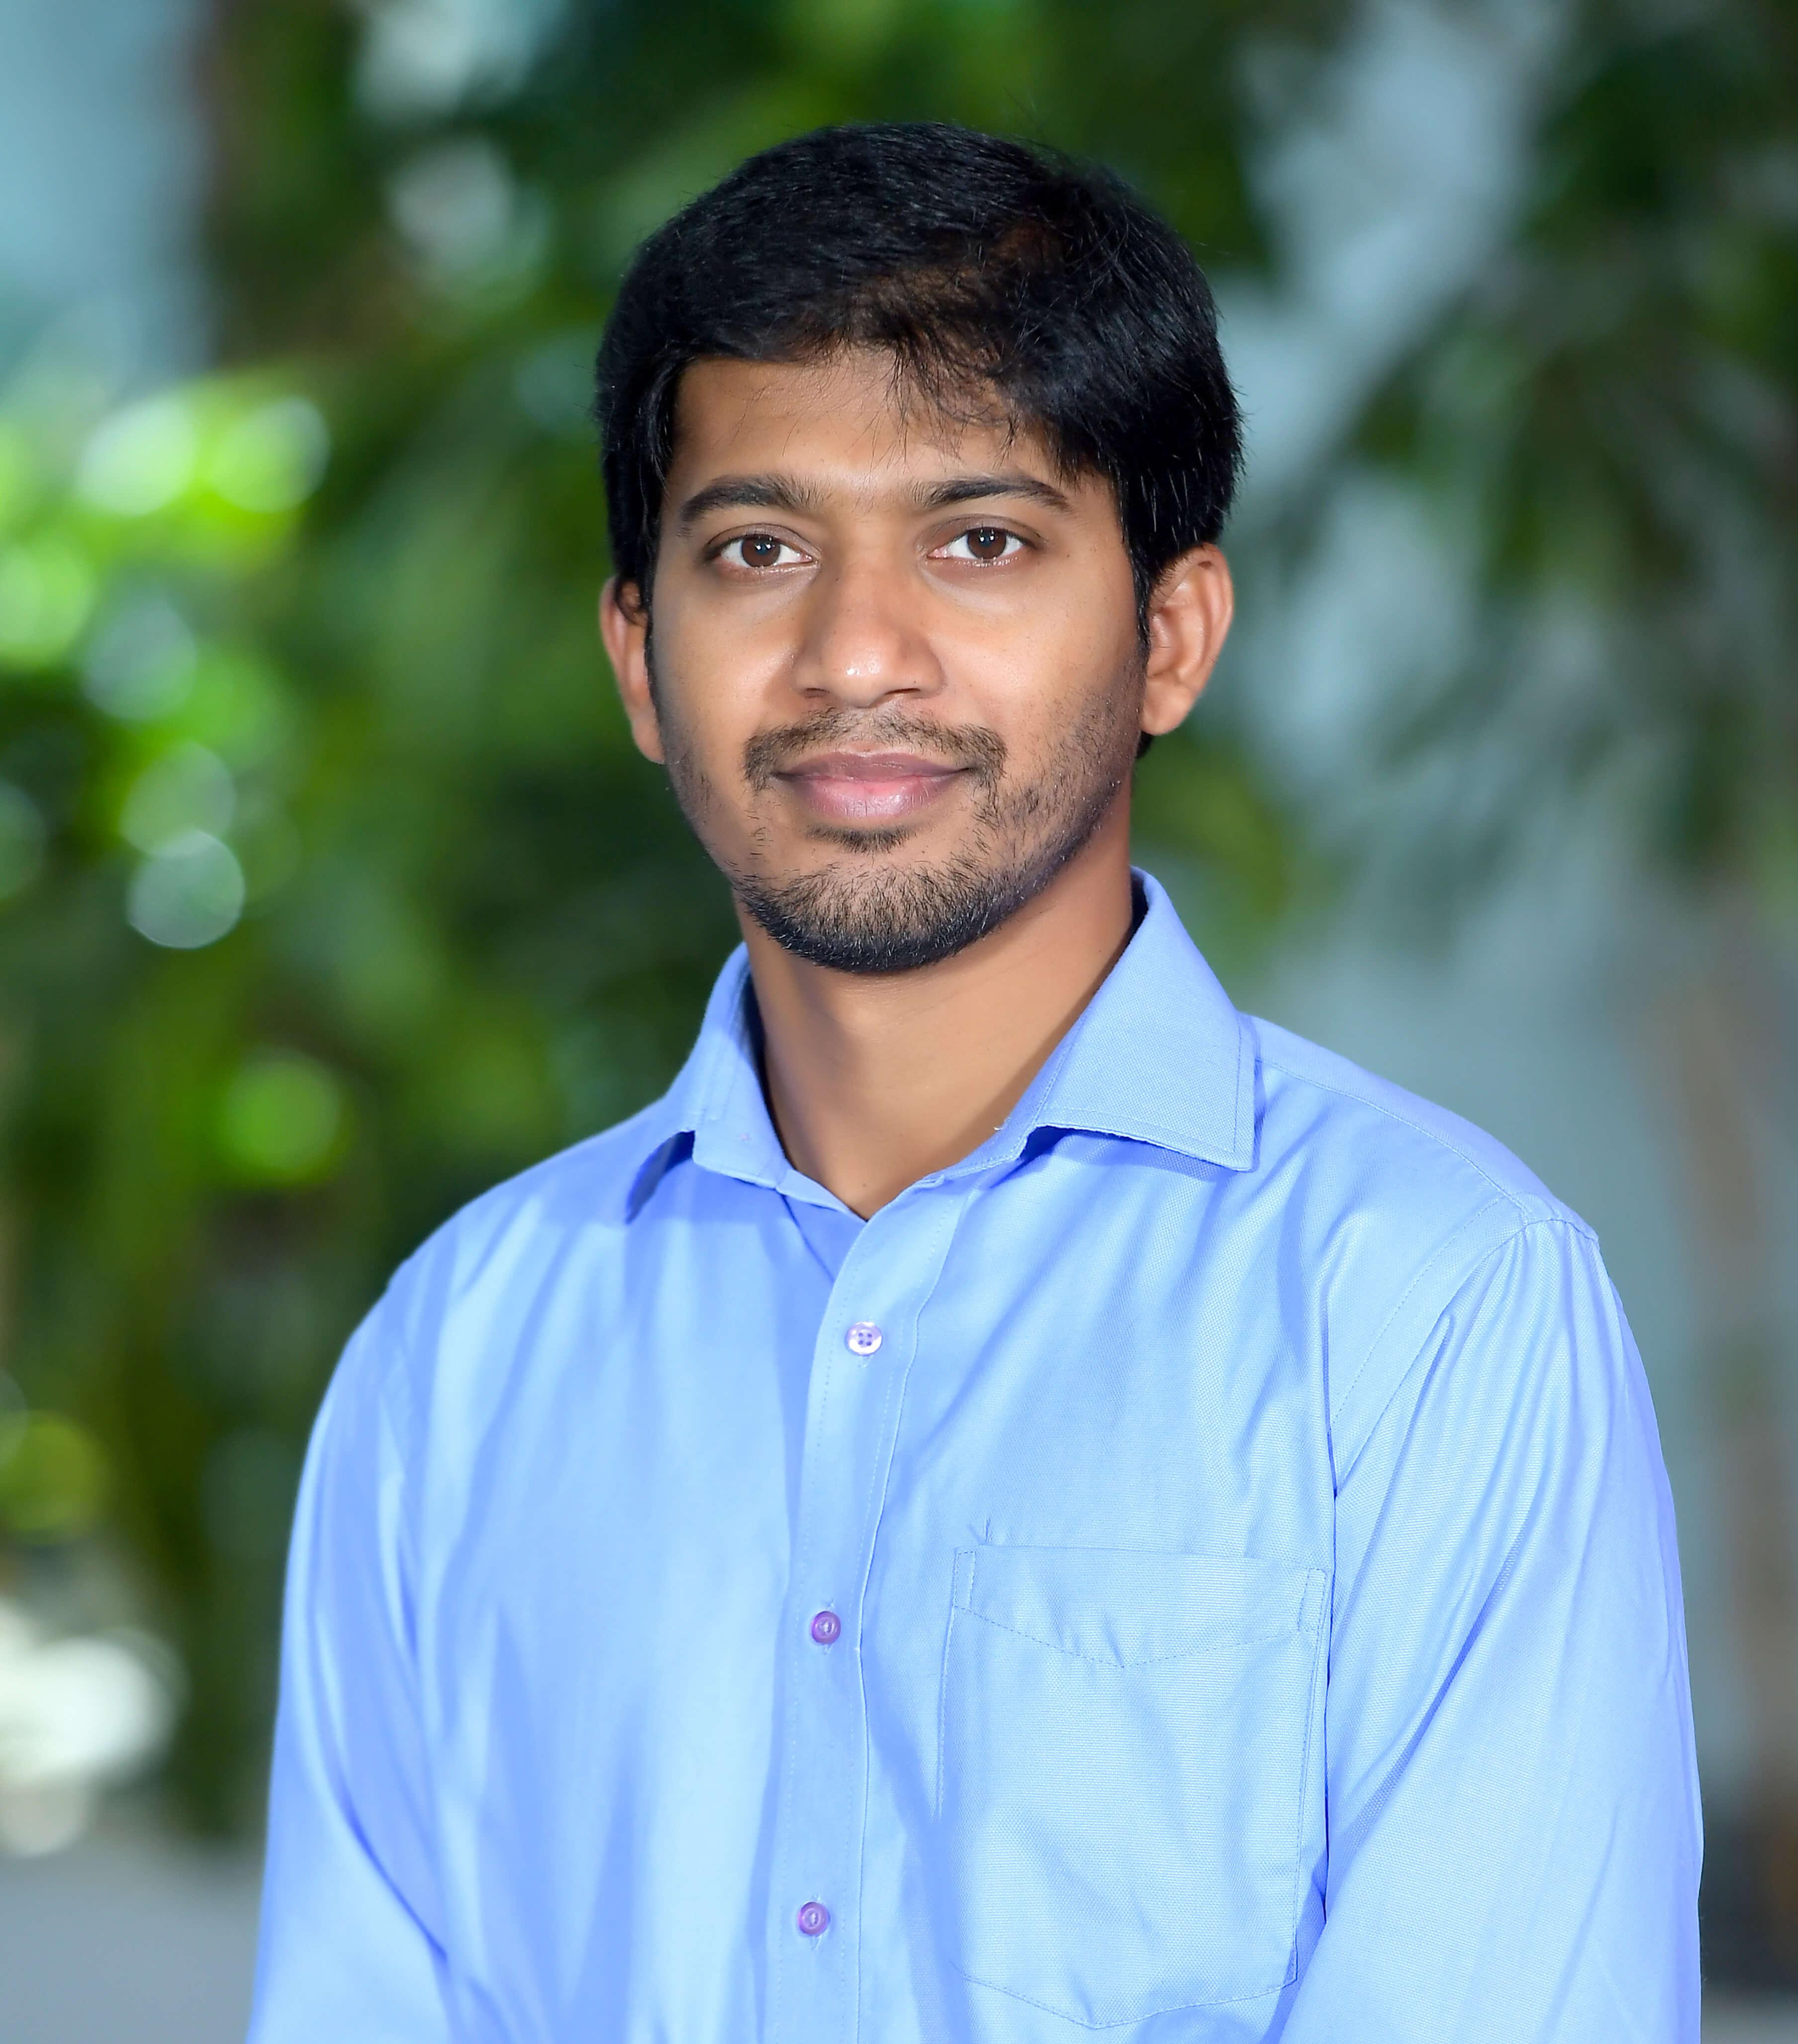 Dr. Parashuram Kallem